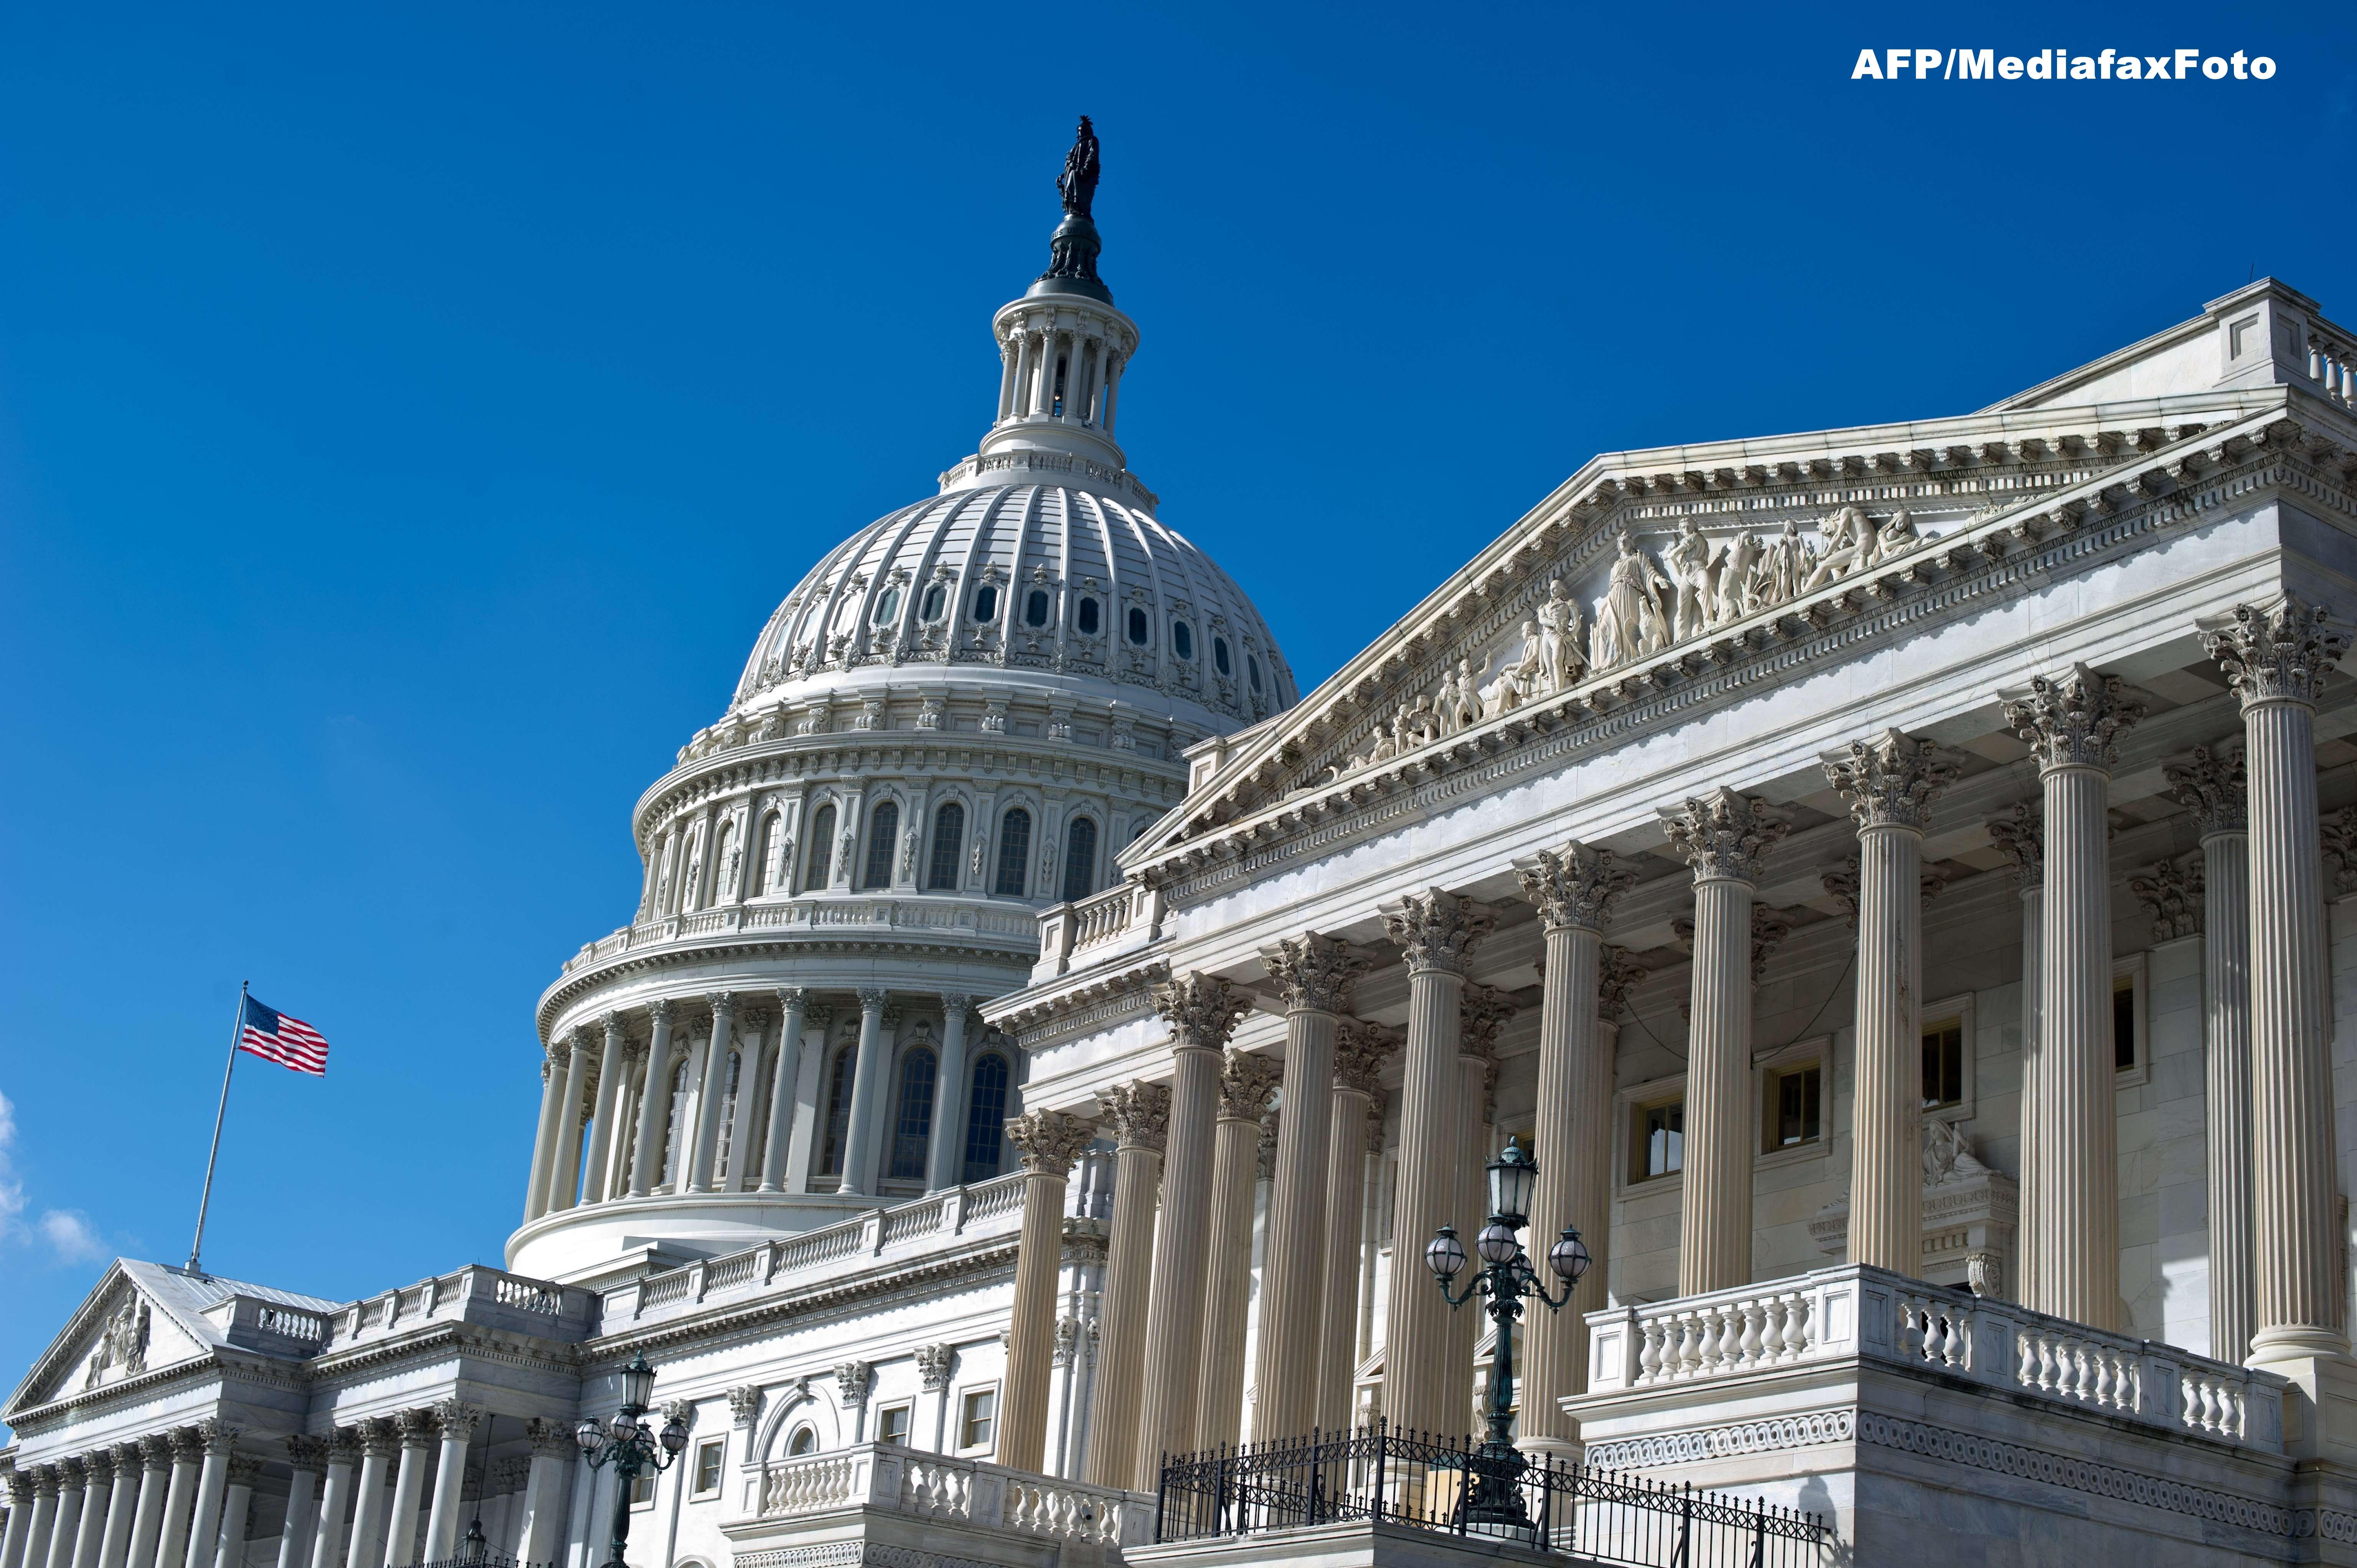 Senatul SUA a aprobat cel mai mare plan de investiții în infrastructură din ultimul deceniu